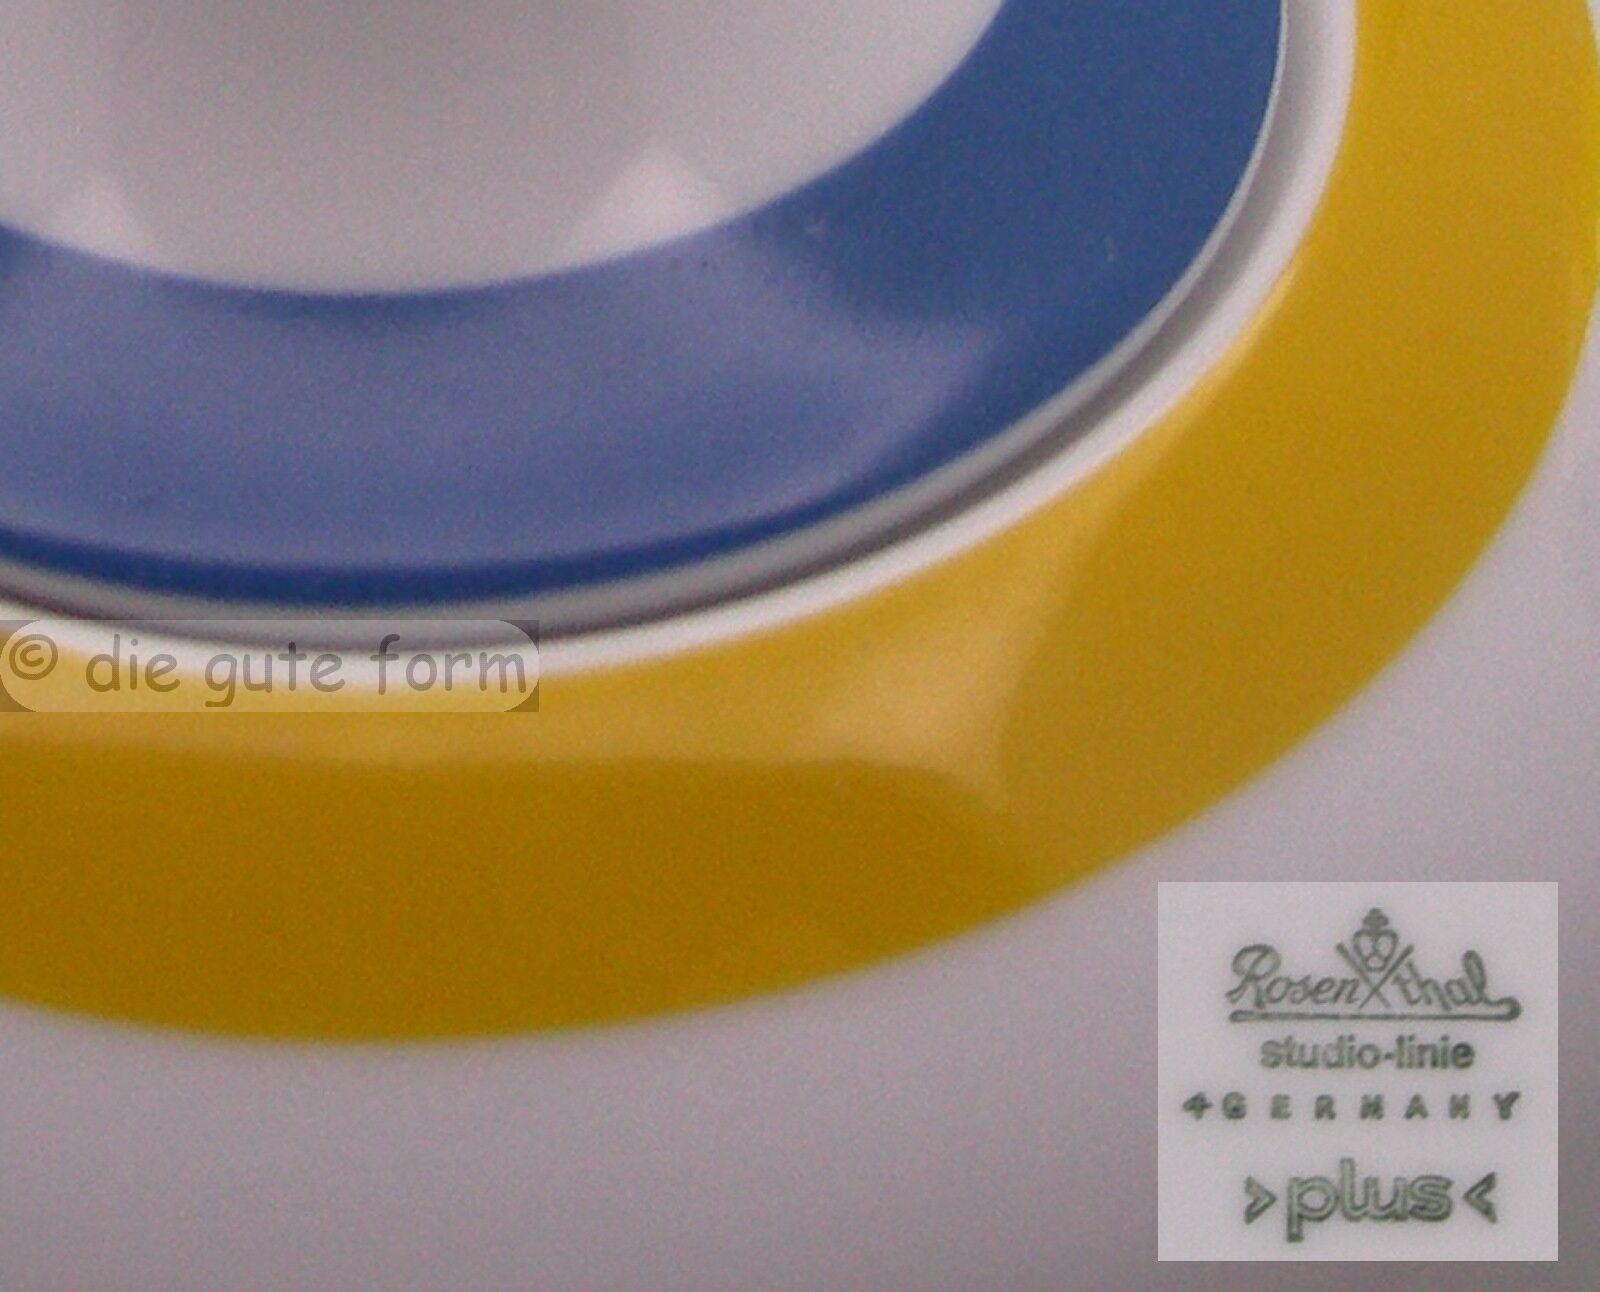 pinkNTHAL Porzellan studio-linie PLUS in yellow-blue - SERVICETEILE zum Aussuchen